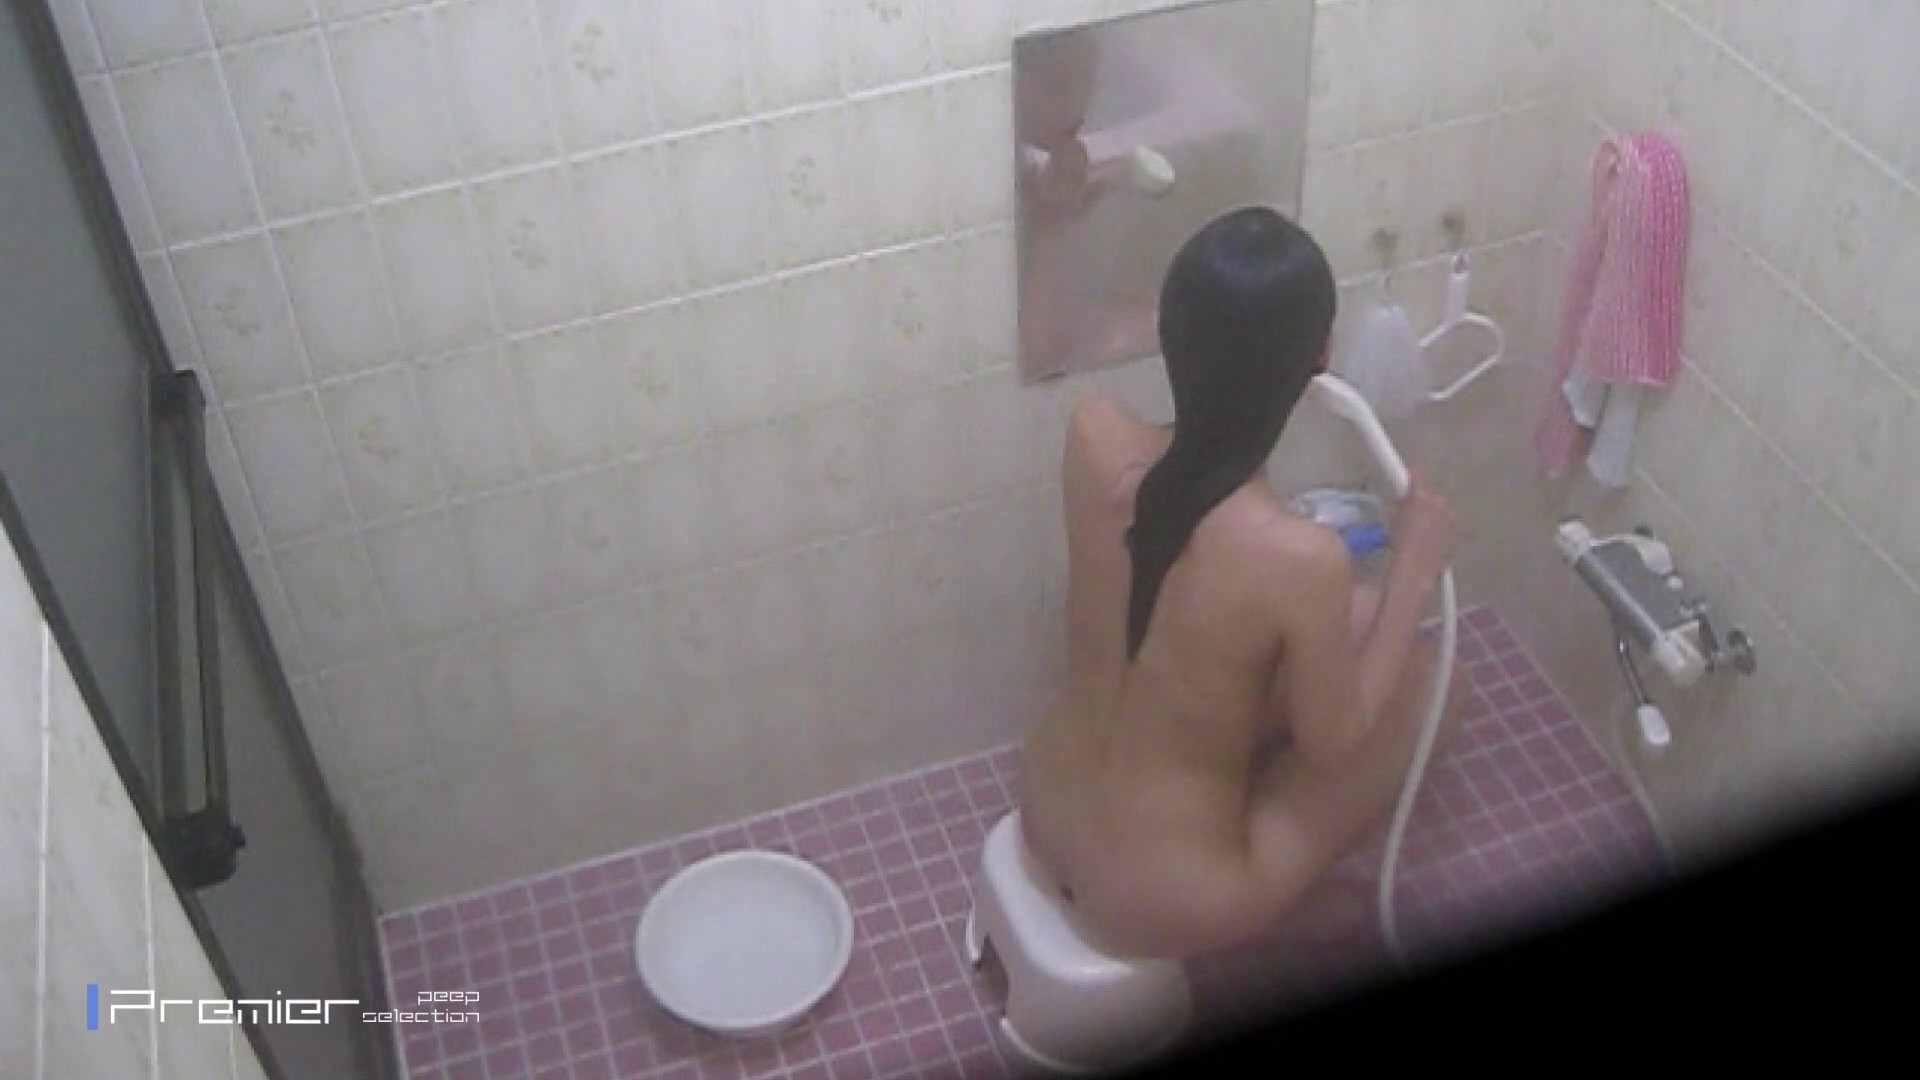 鏡に写る美女バレ盗撮 乙女の風呂場 Vol.10 細身女性 セックス画像 86画像 32